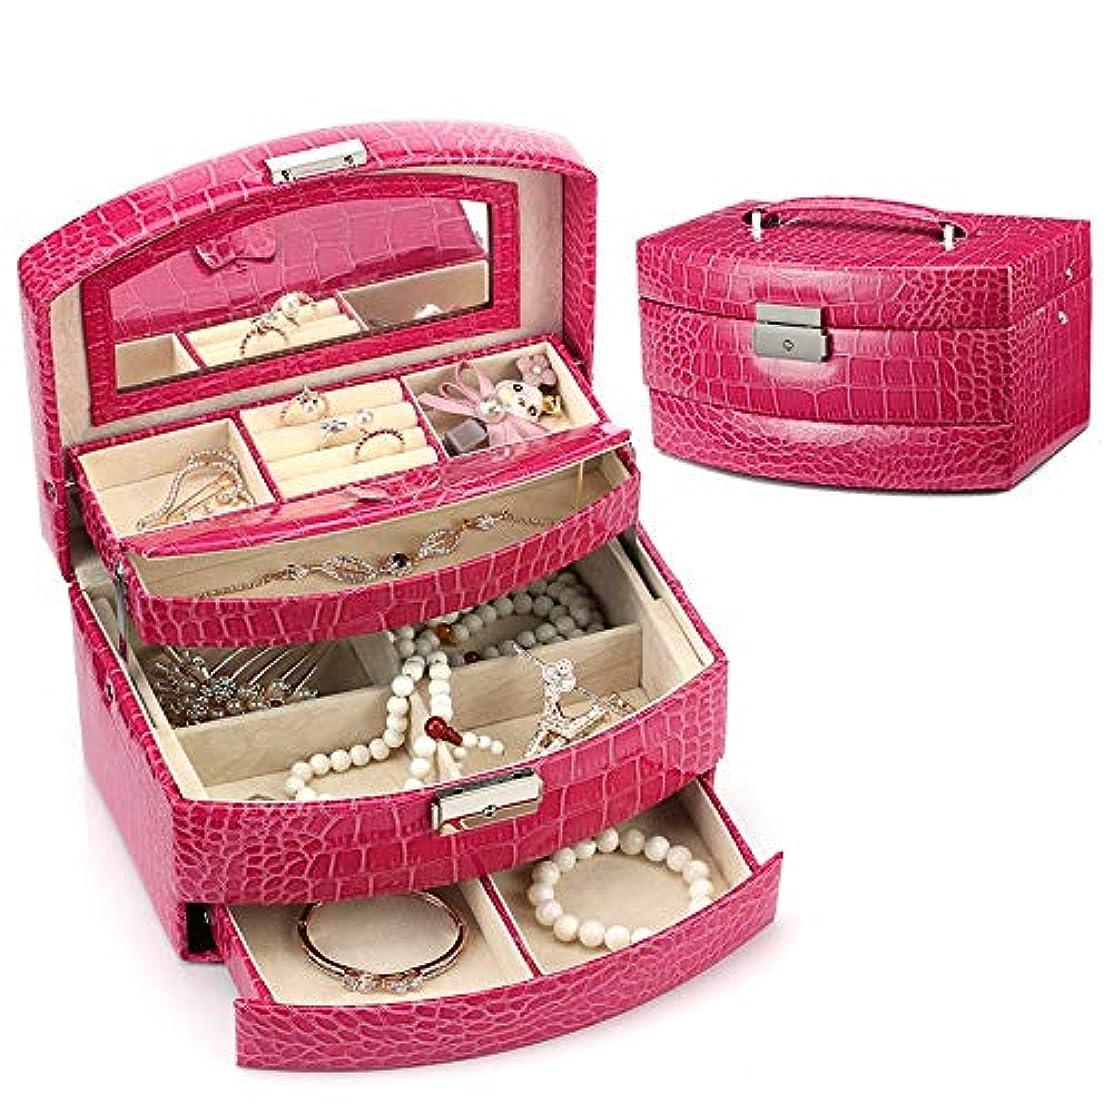 カッタータイトいつでも特大スペース収納ビューティーボックス 美の構造のためそしてジッパーおよび折る皿が付いている女の子の女性旅行そして毎日の貯蔵のための高容量の携帯用化粧品袋 化粧品化粧台 (色 : 赤)